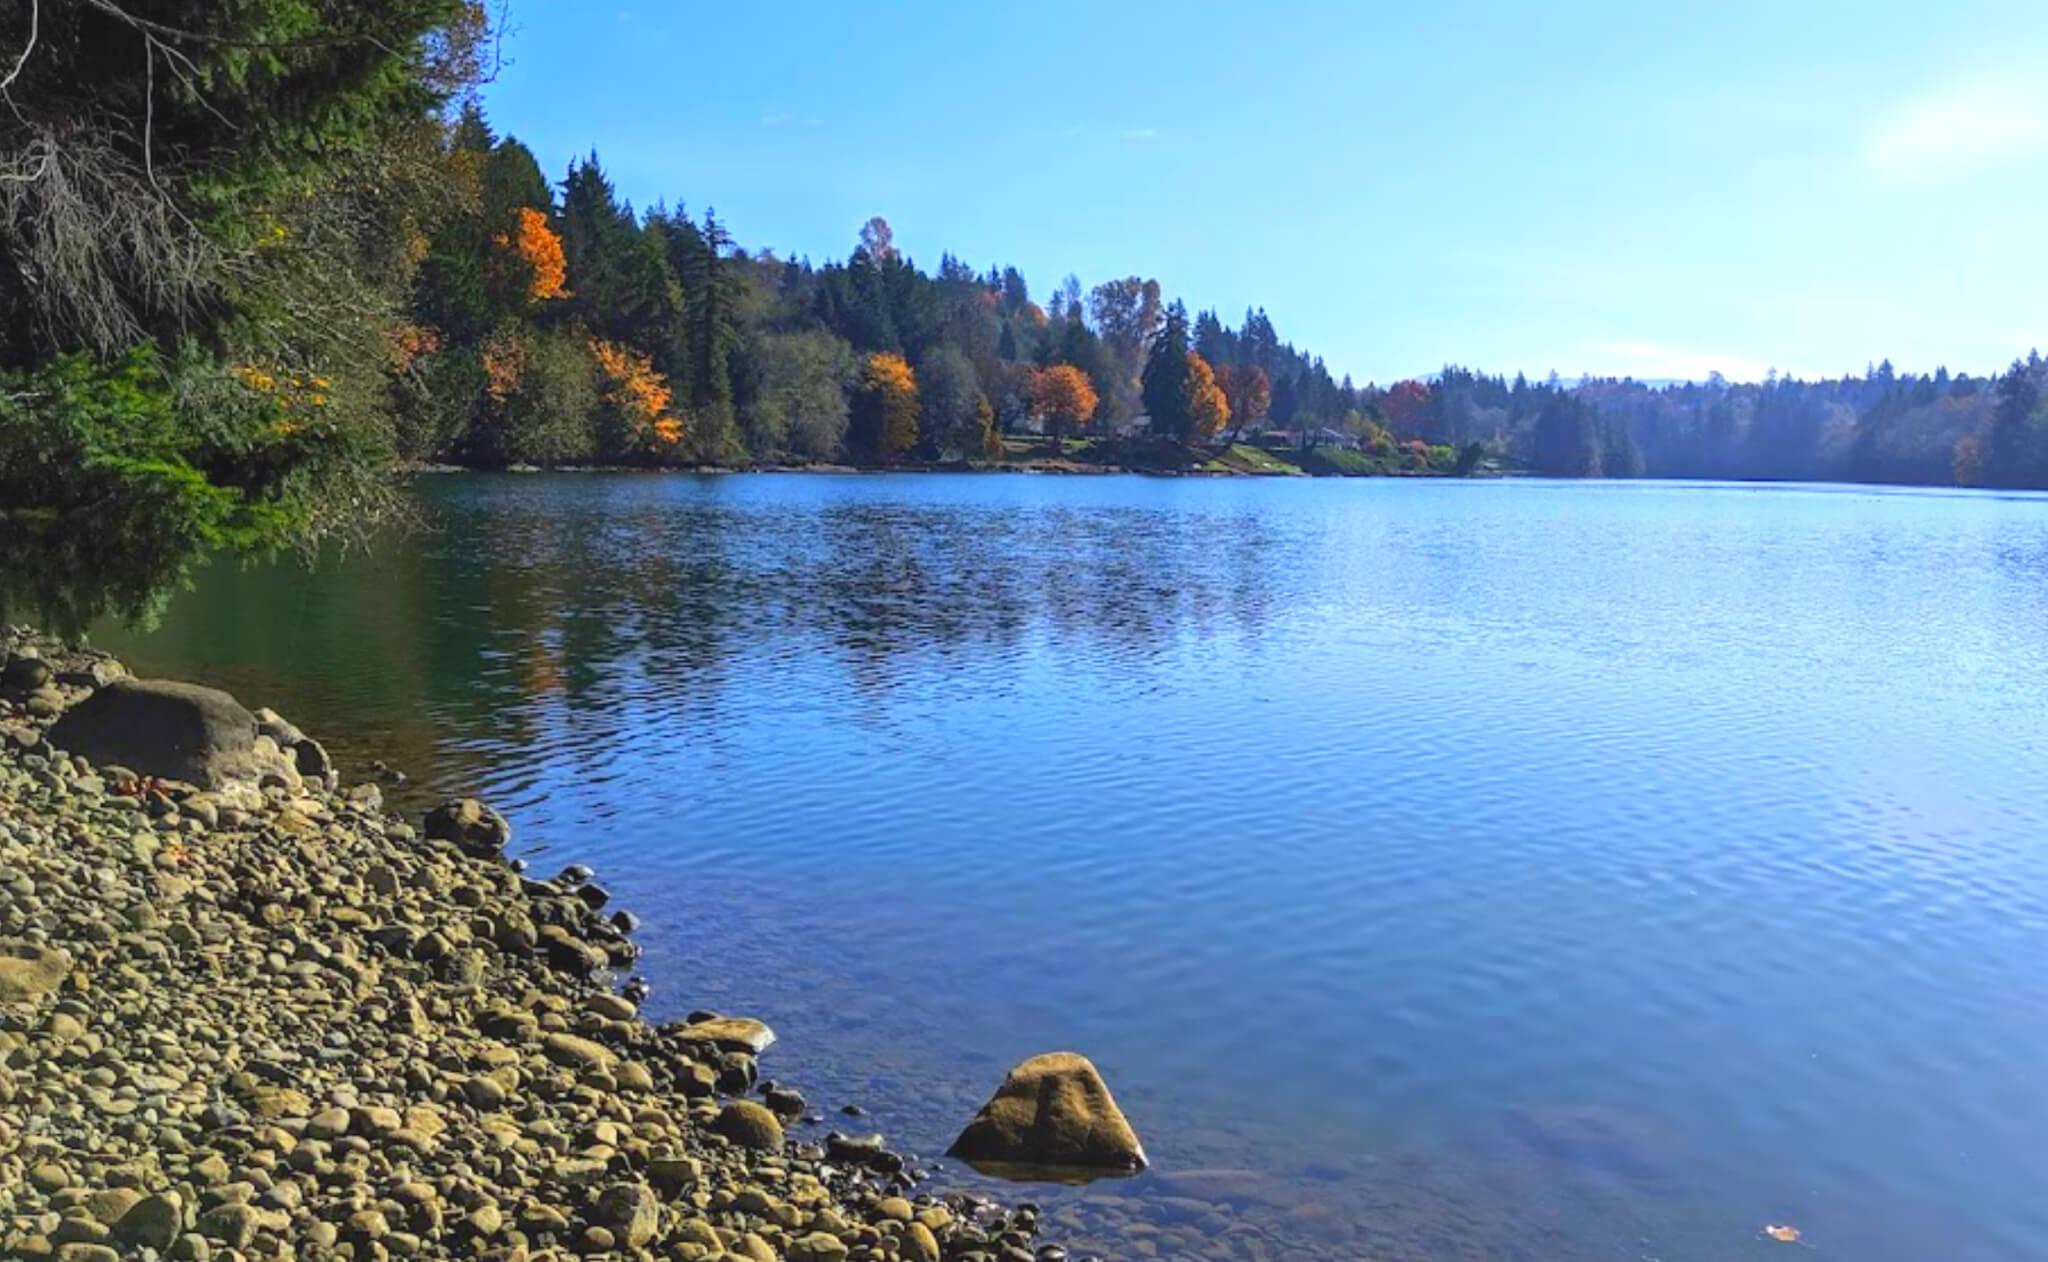 Mayfield-Lake-Fishing-Report-Guide-Washington-WA-05